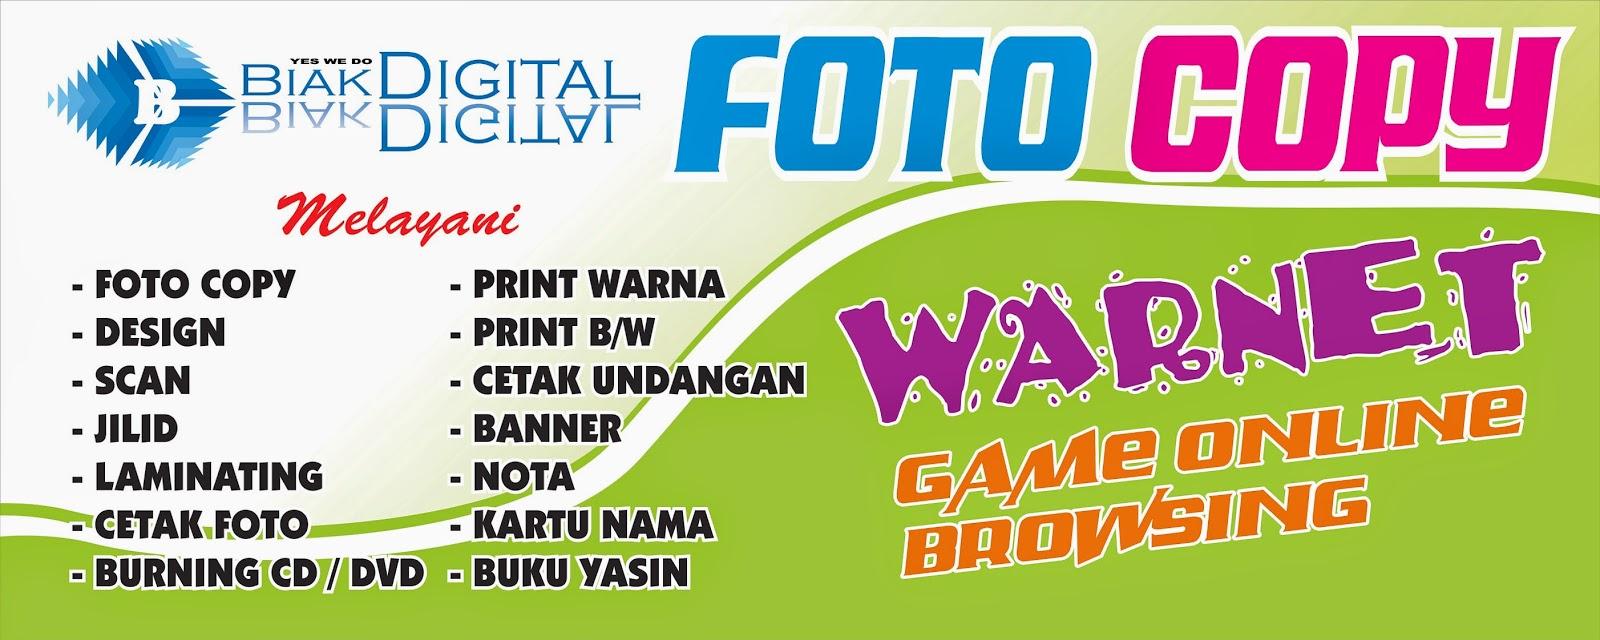 Design banner cetak foto - Fotocopy Printing Design Fotocopy Printing Terima Jasa